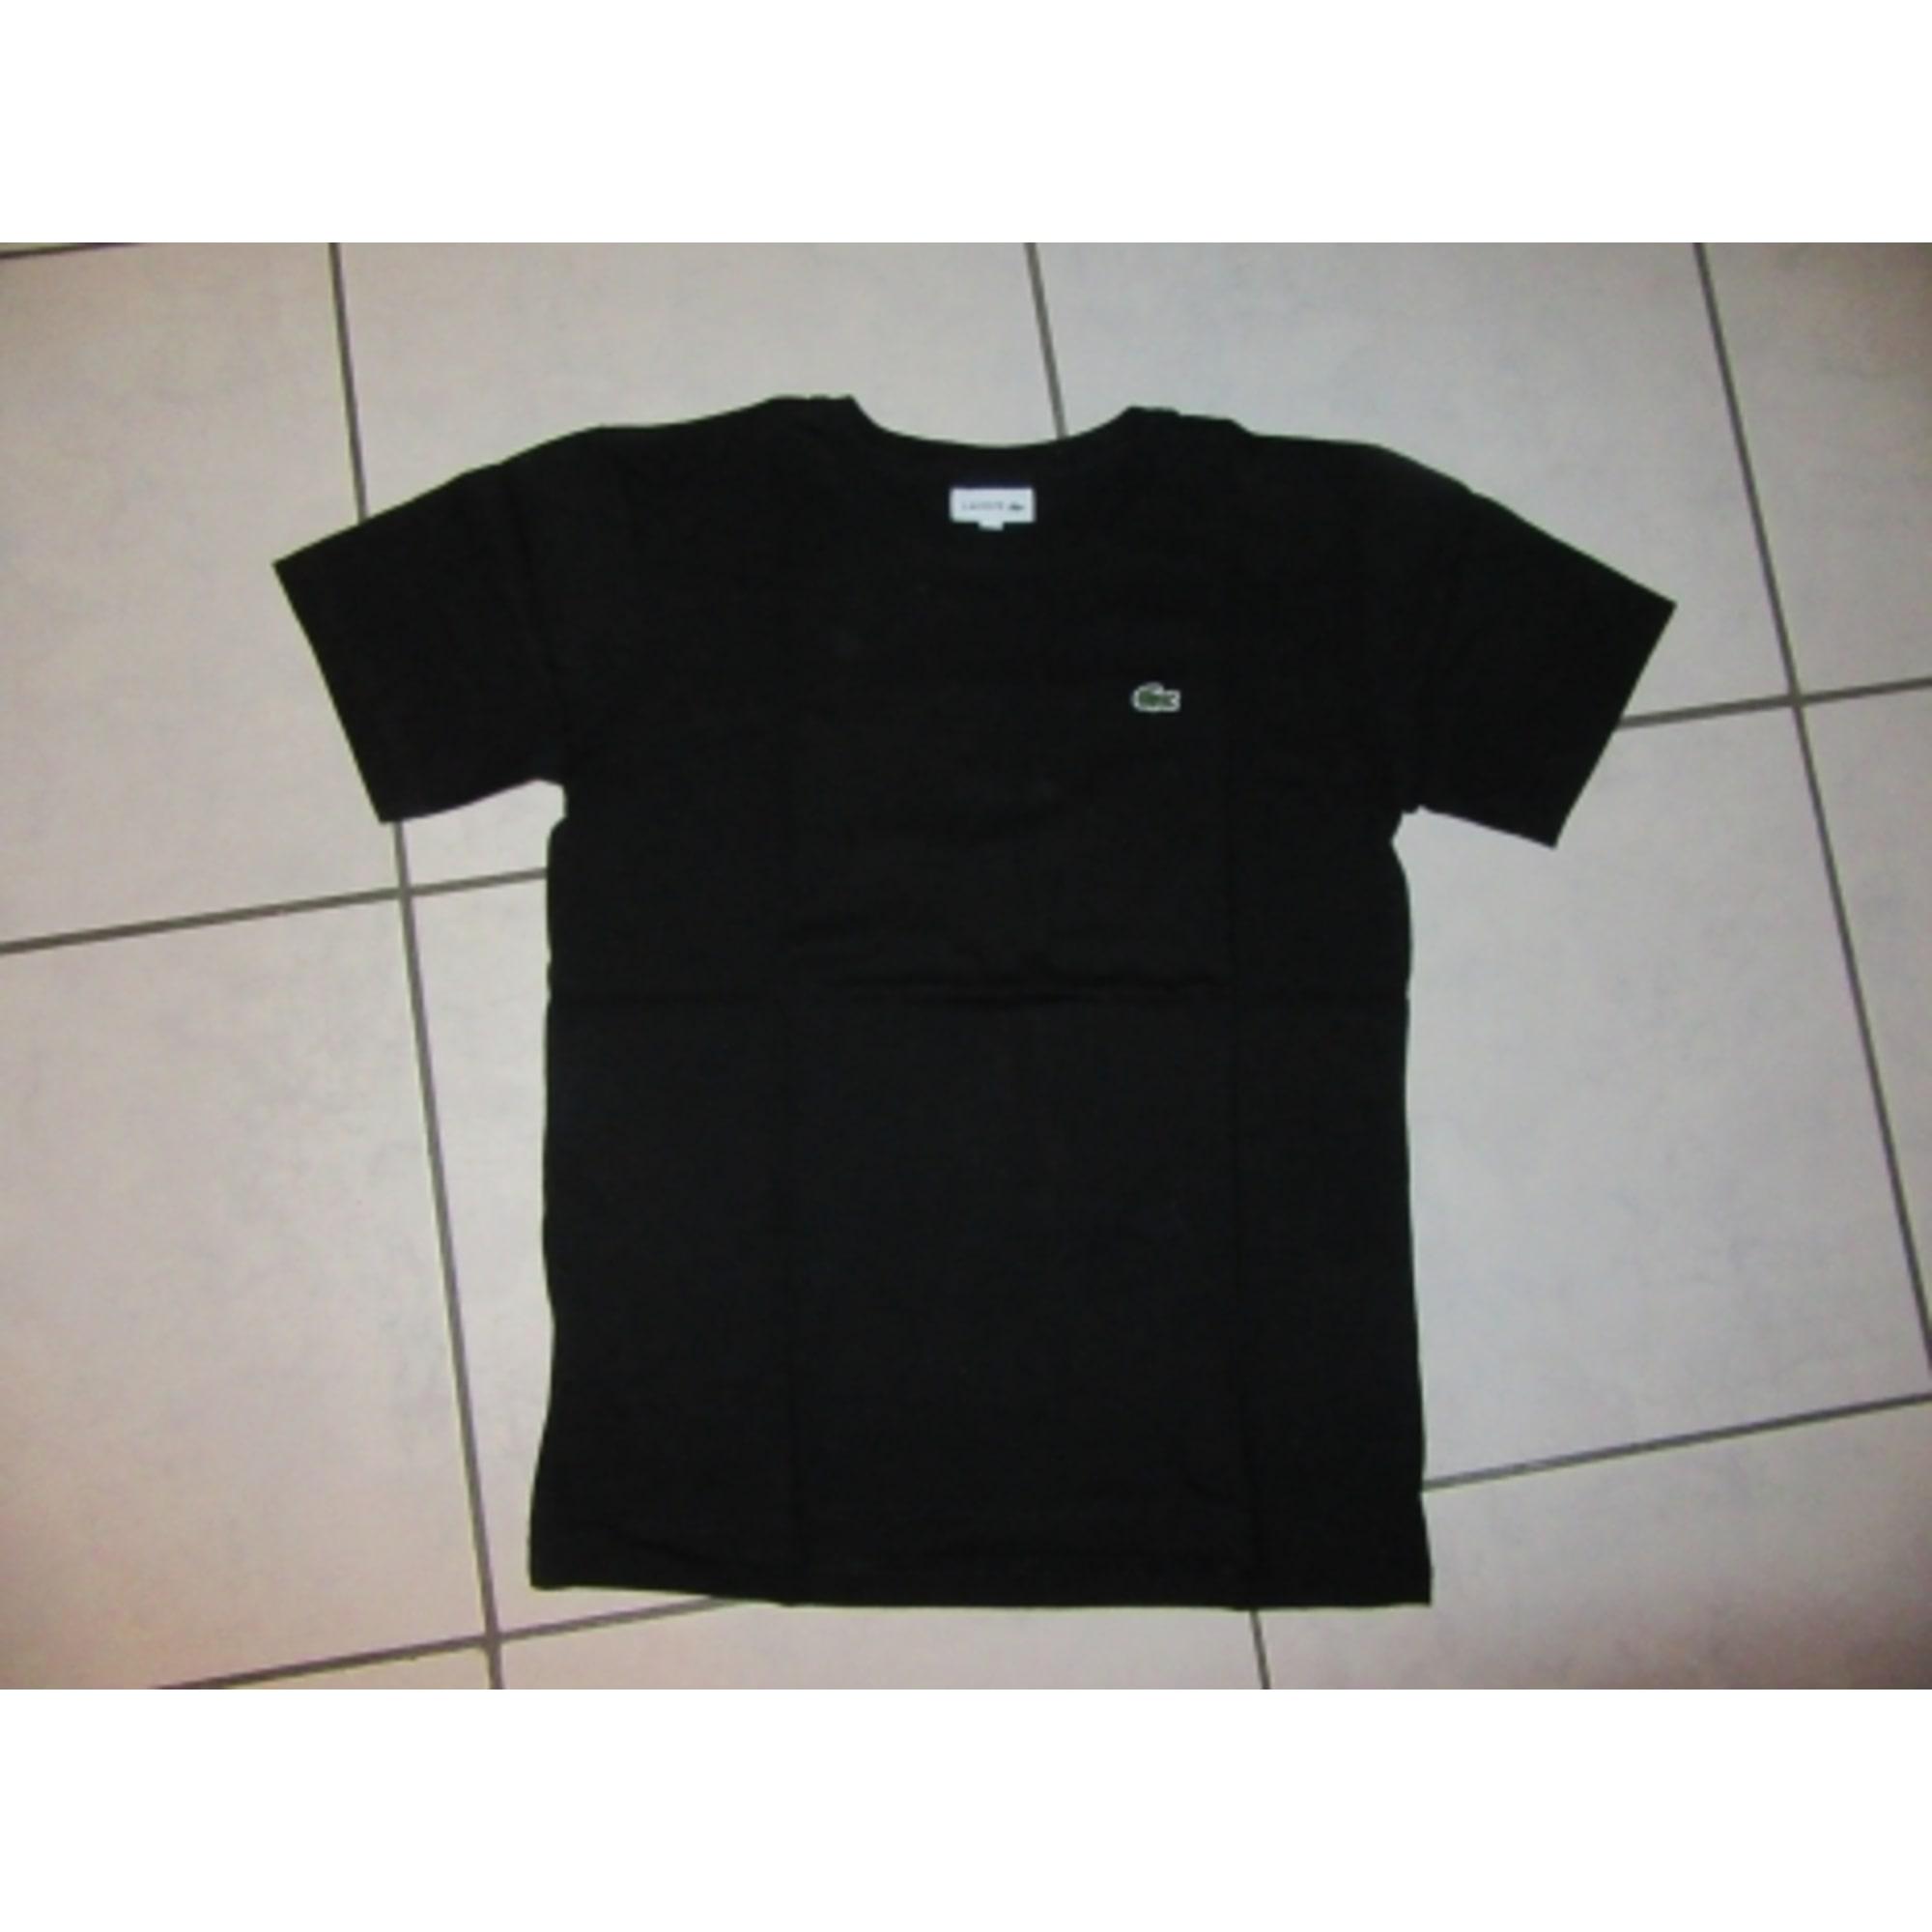 3536b7e7a4 Tee-shirt LACOSTE 11-12 ans noir vendu par Fabienne 136554460 - 7527986